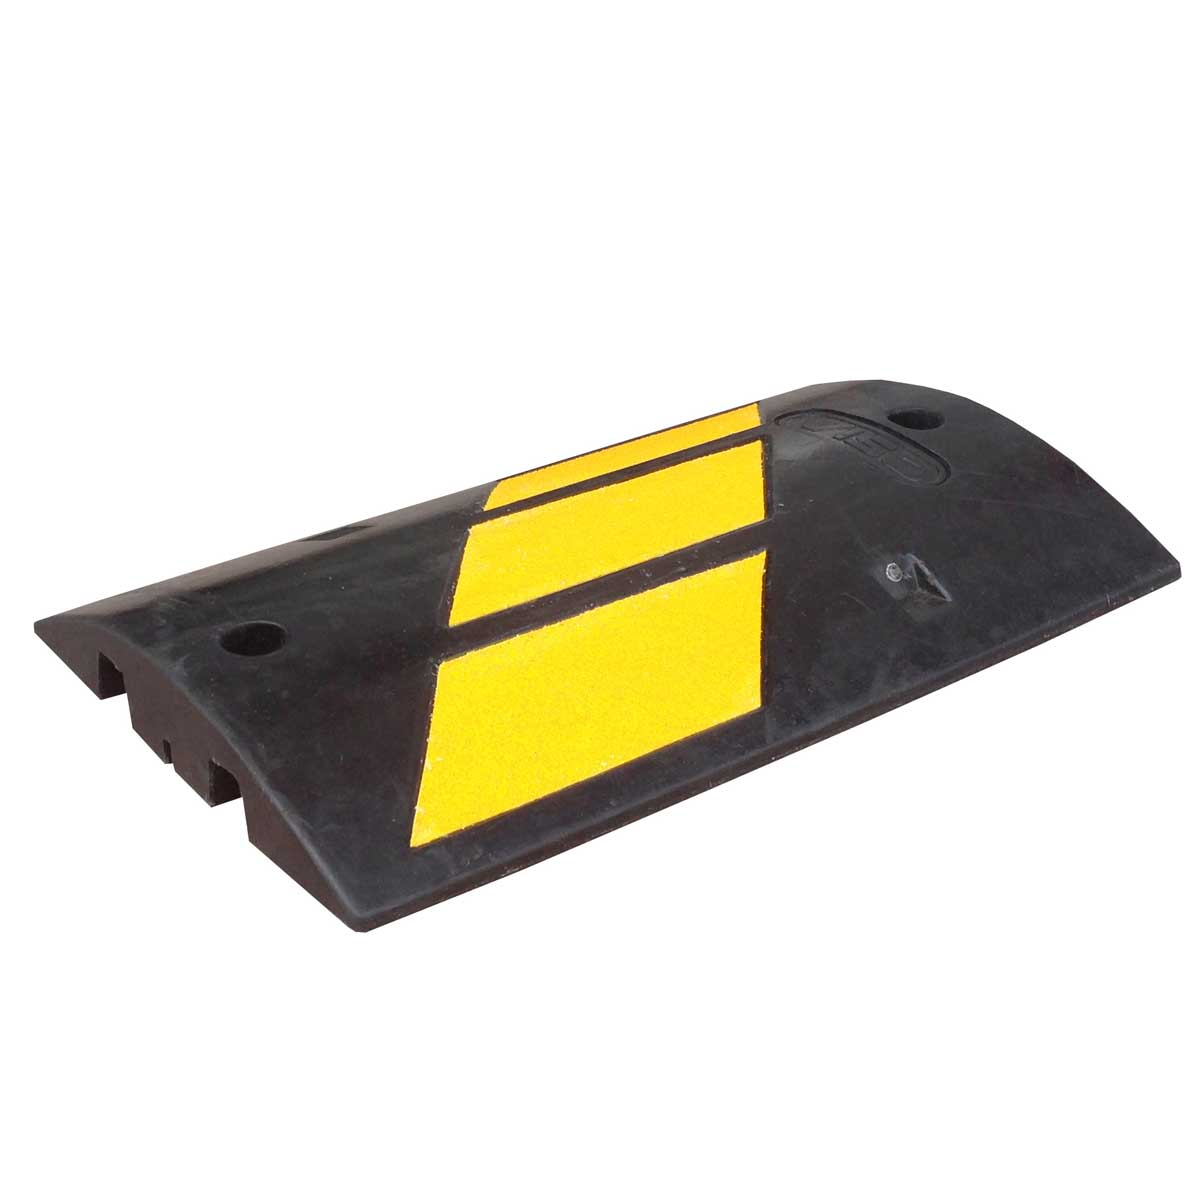 Regulador de velocidad modular pesado para zonas de paso de vehículos pesados